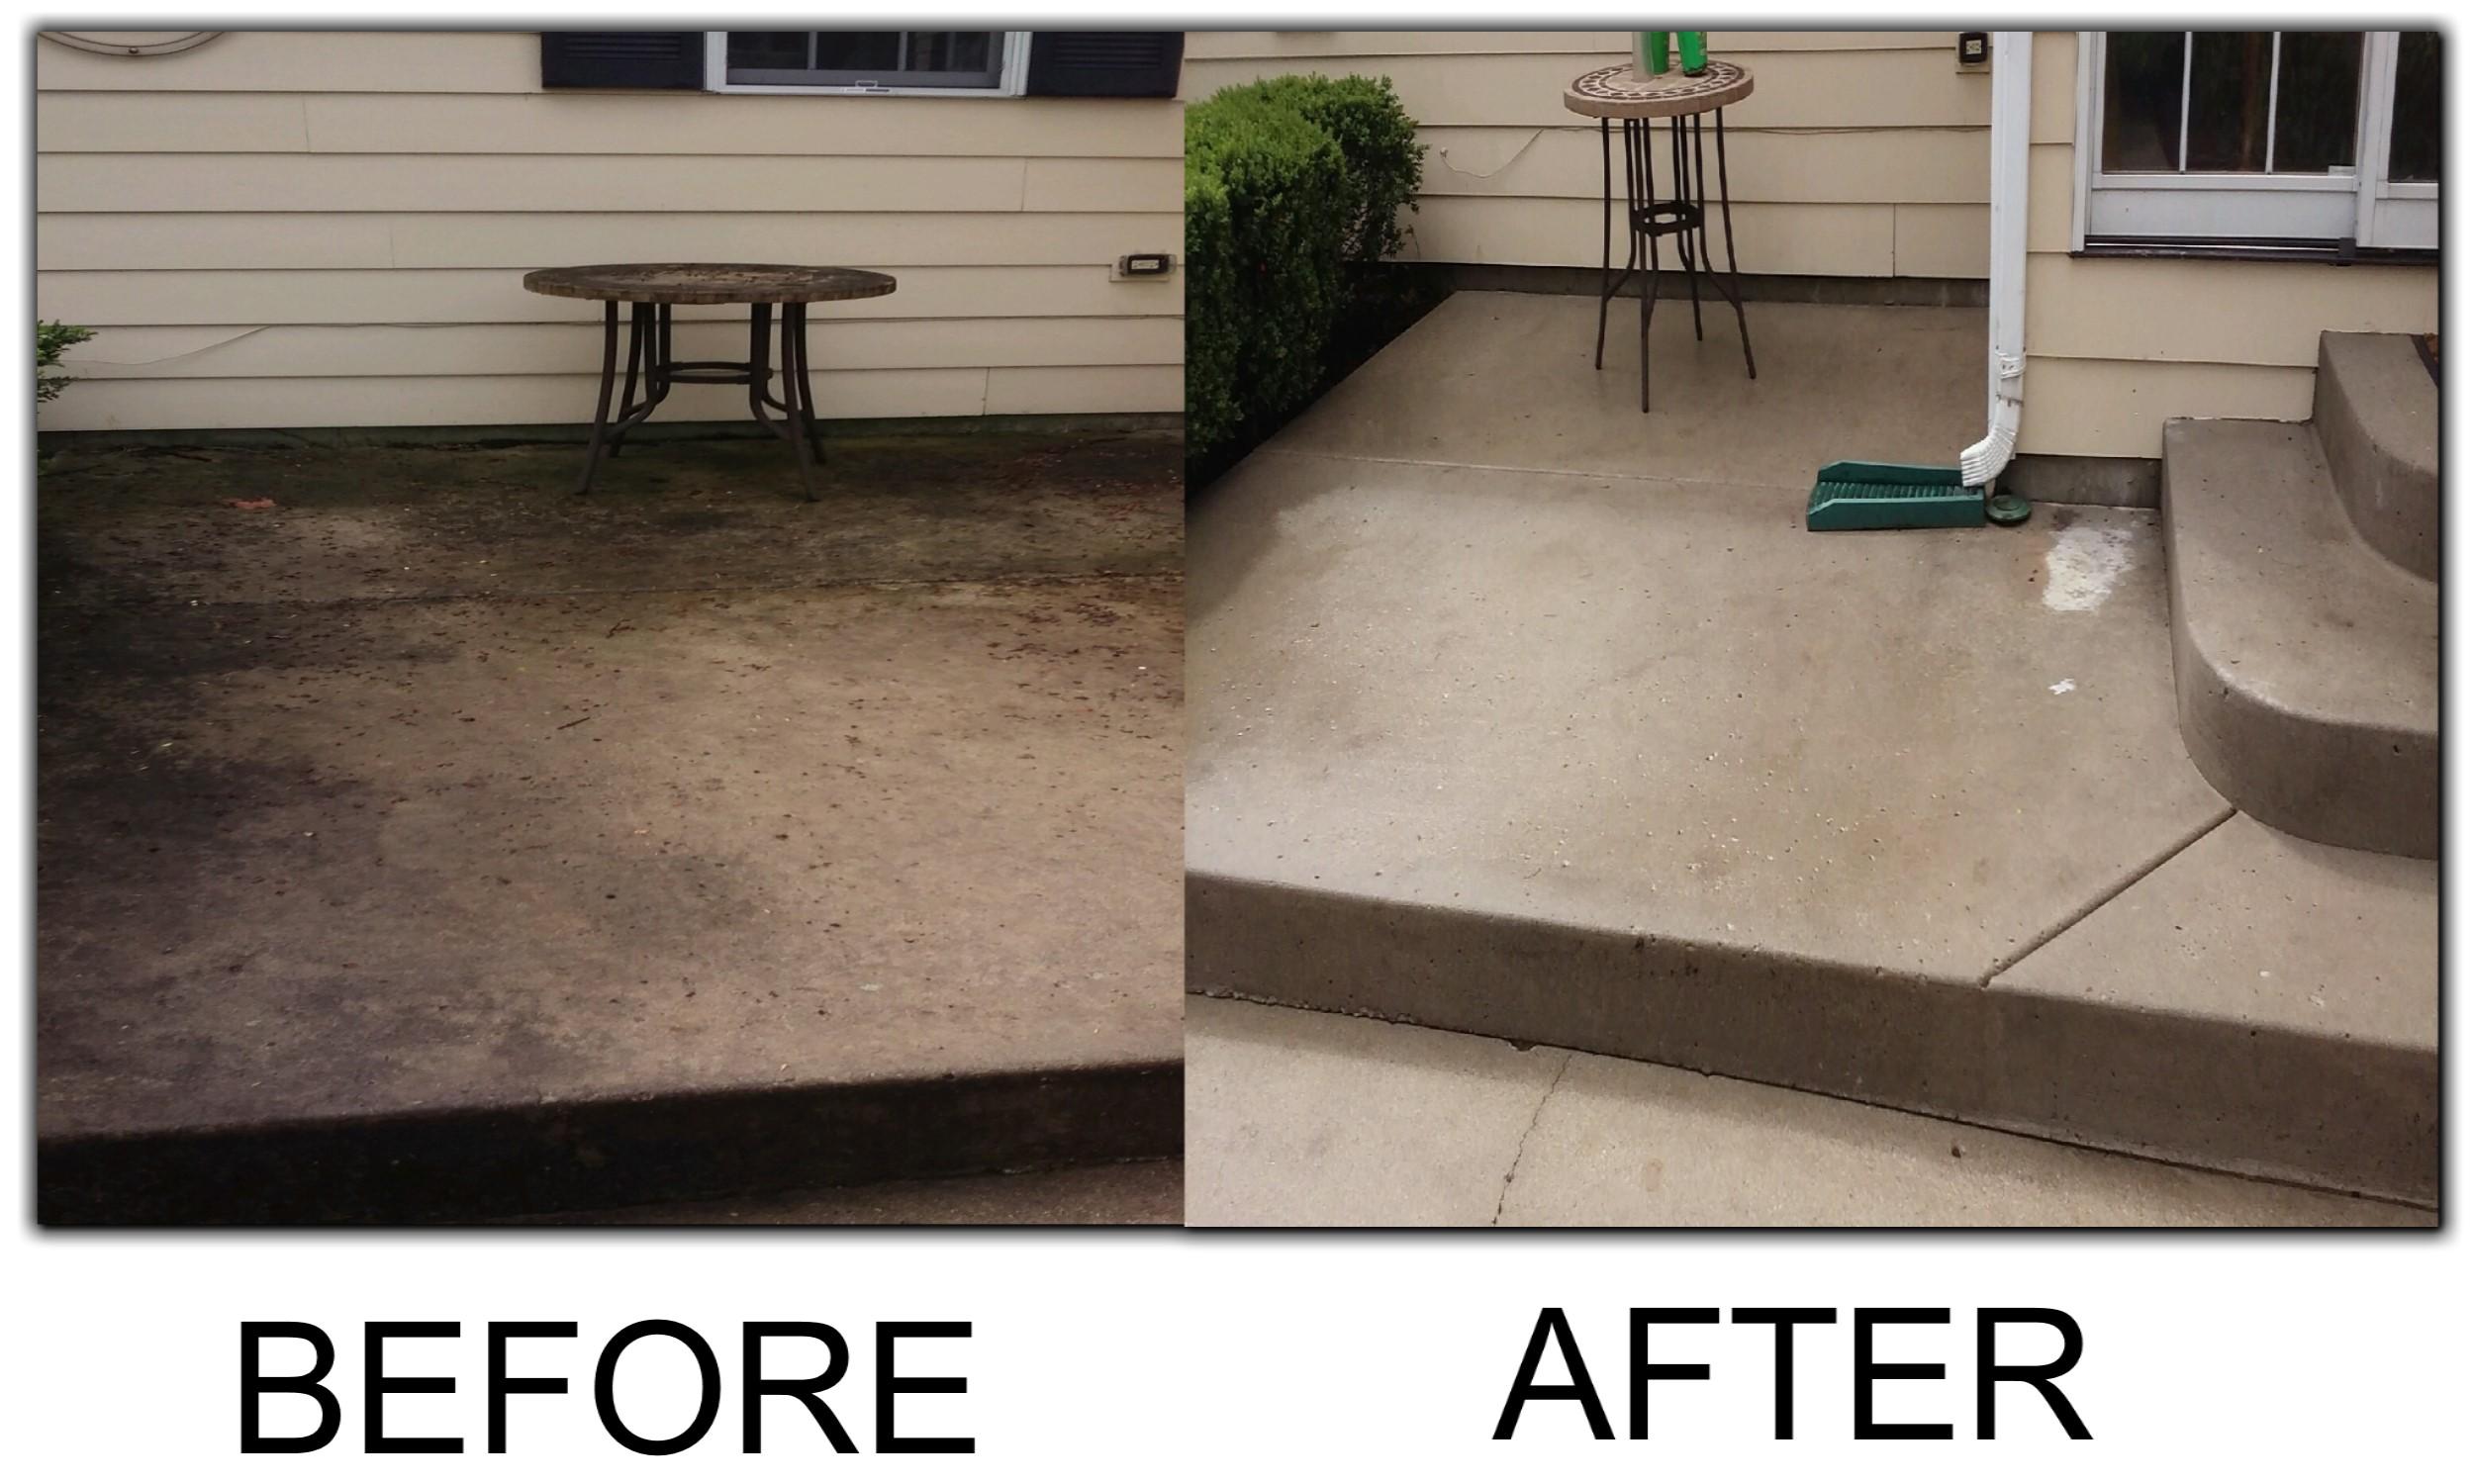 moresteps-before-after